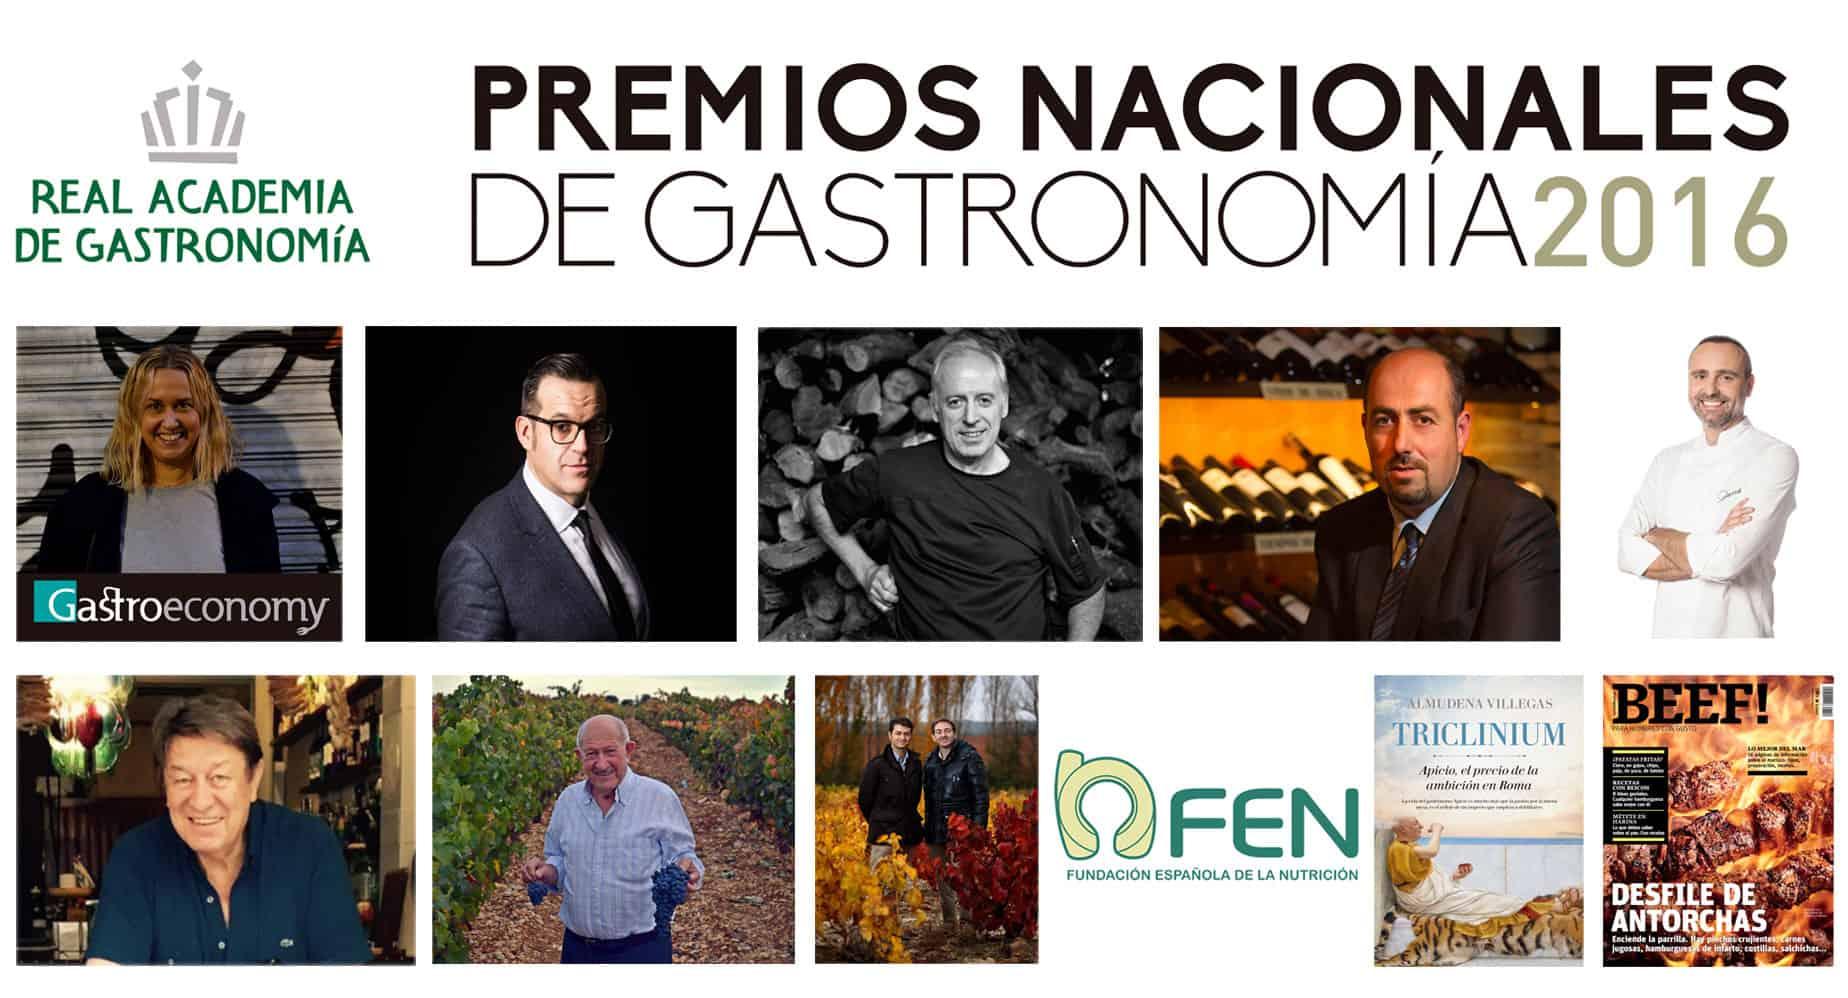 Ganadores Premios Nacionales de Gastronomía 2016